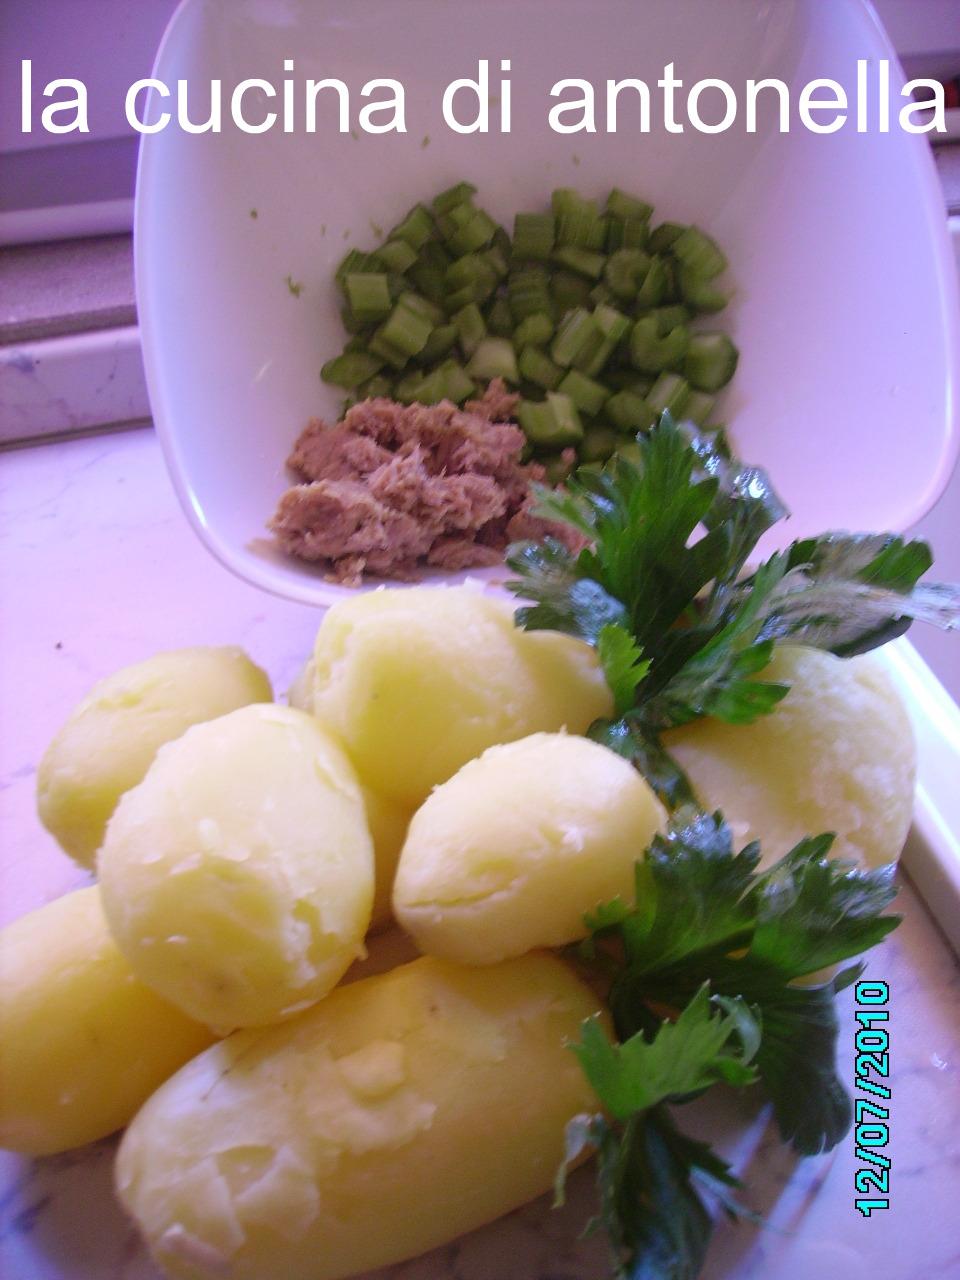 Insalata di tonno da la cucina di antonella su akkiapparicette - La cucina di antonella ...